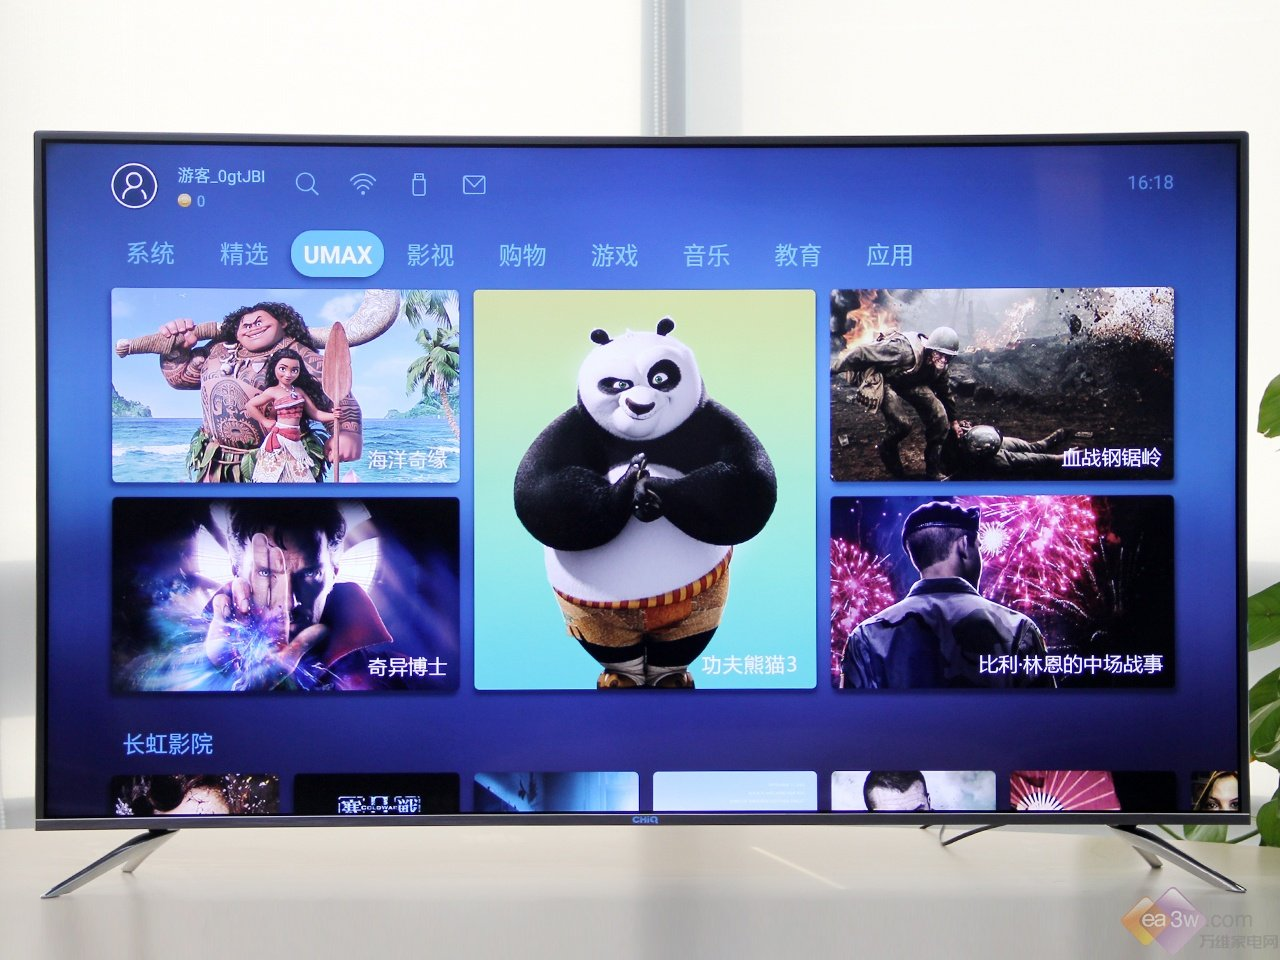 长虹CHIQ 电视55Q5N详细测评:玩转人工智能 语音即可召唤